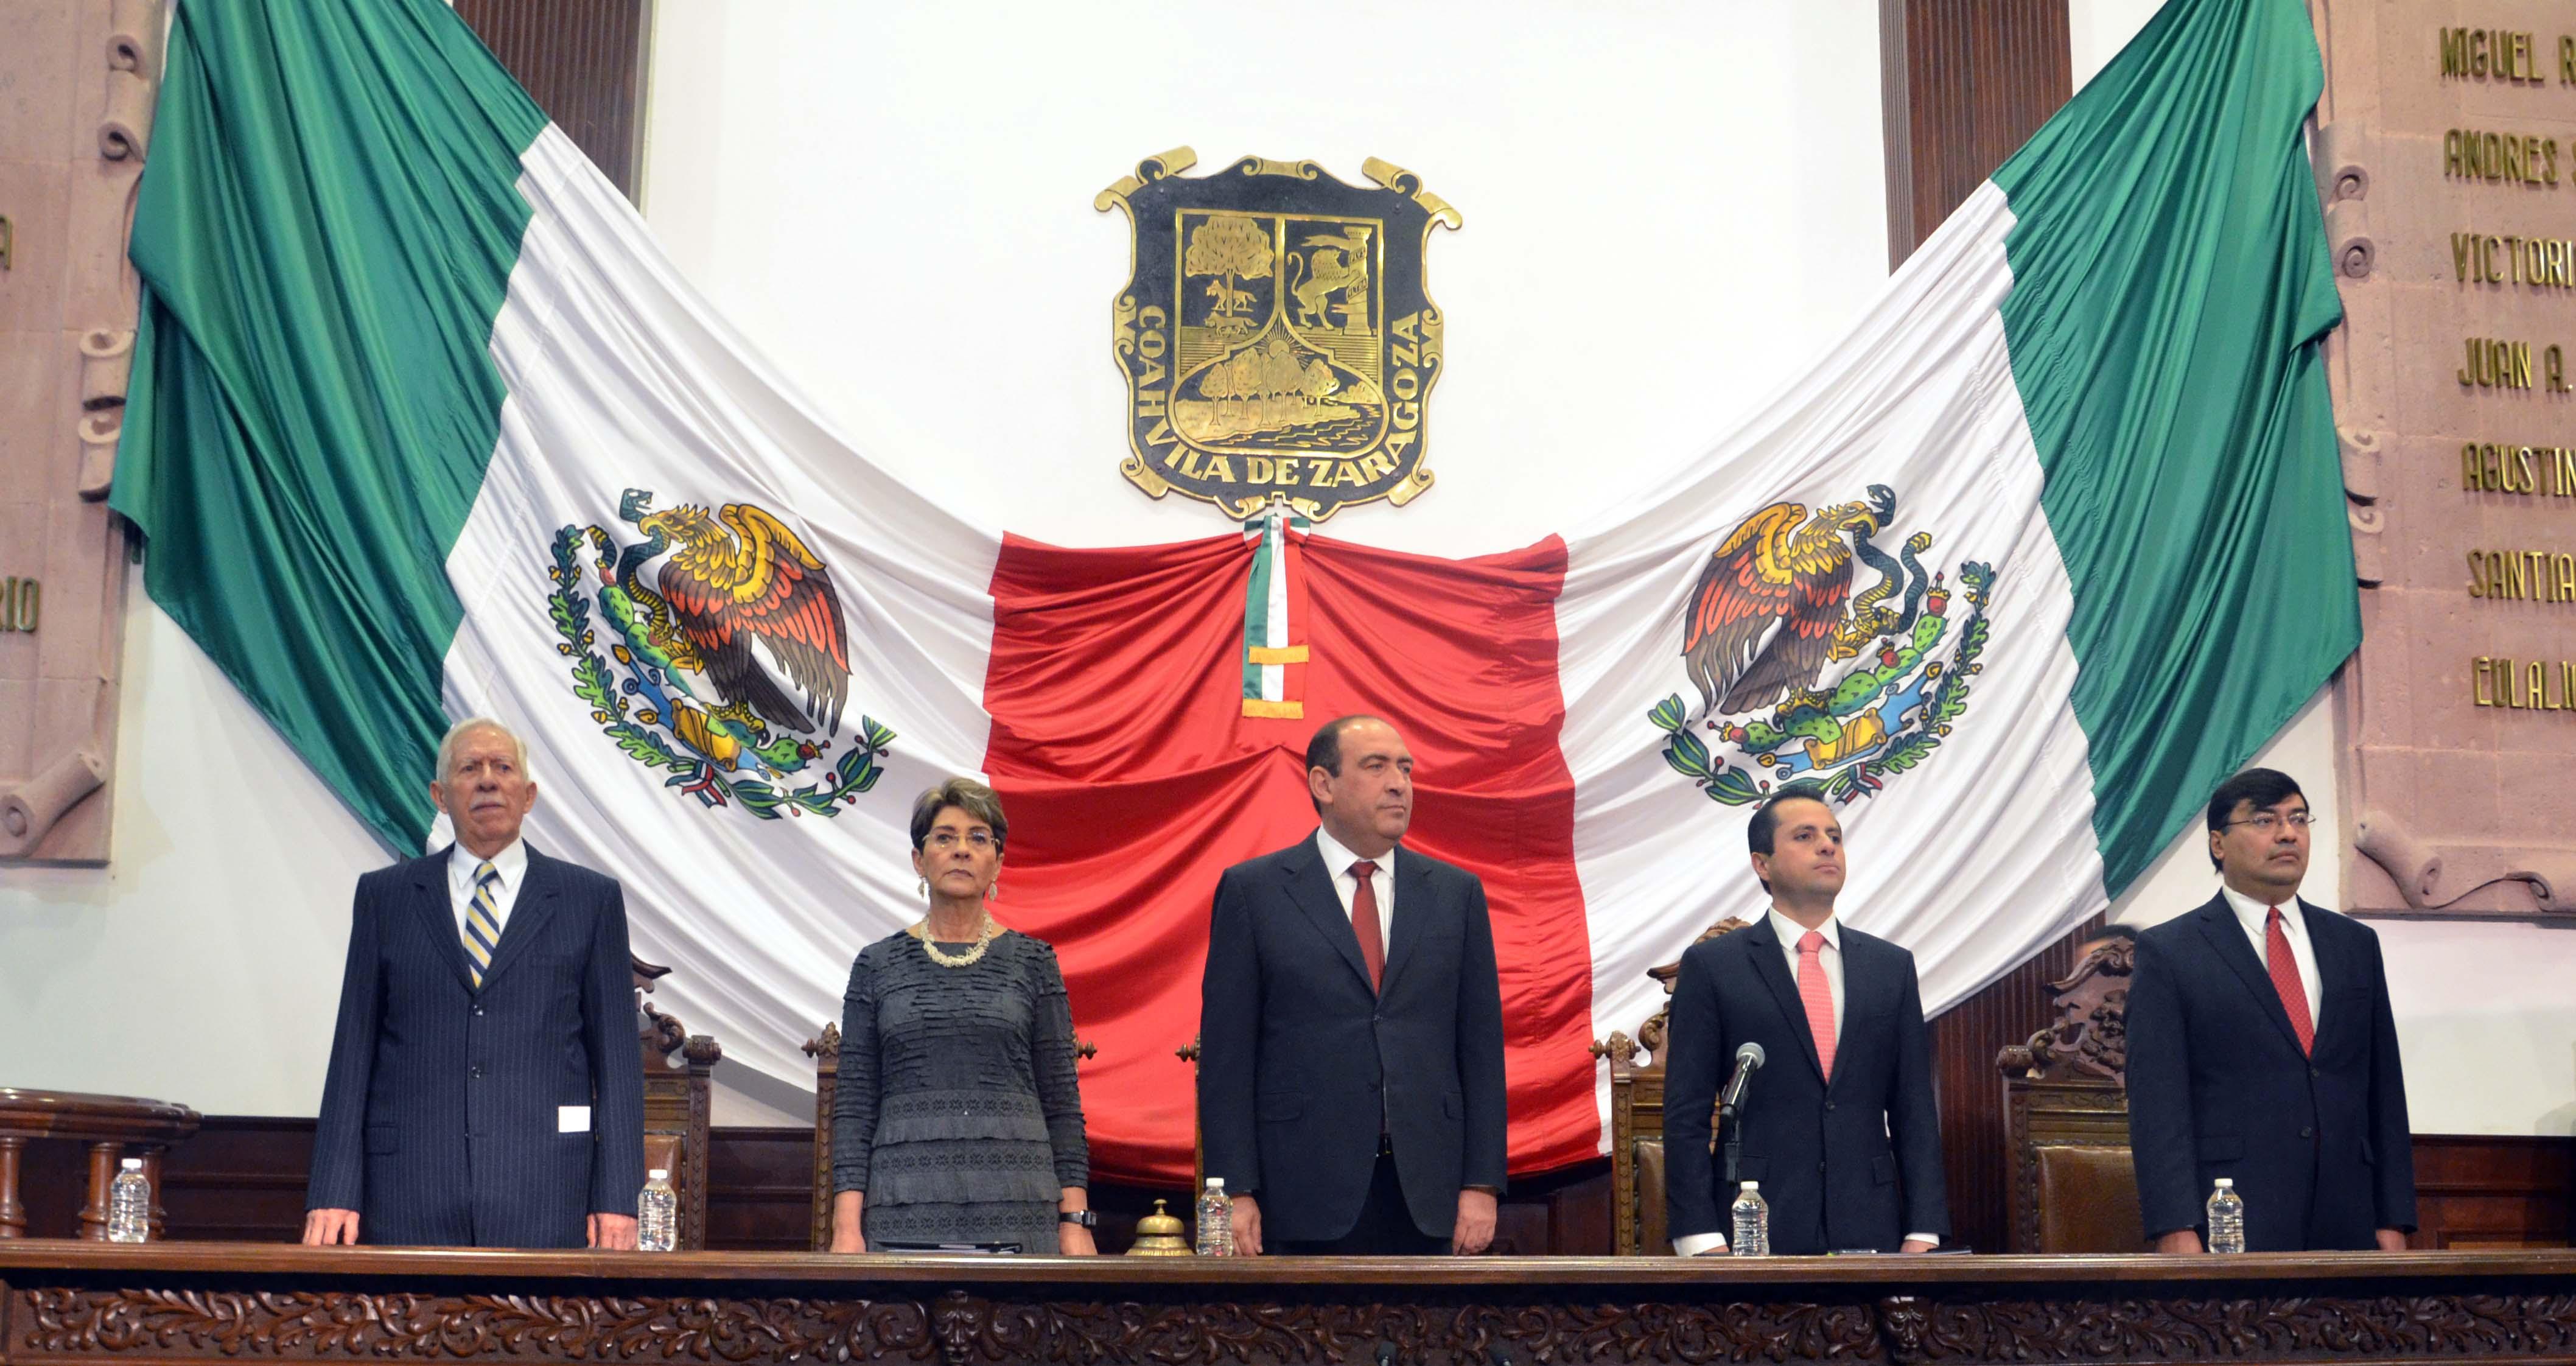 Las reformas transformadoras abonan al México en paz, incluyente y próspero